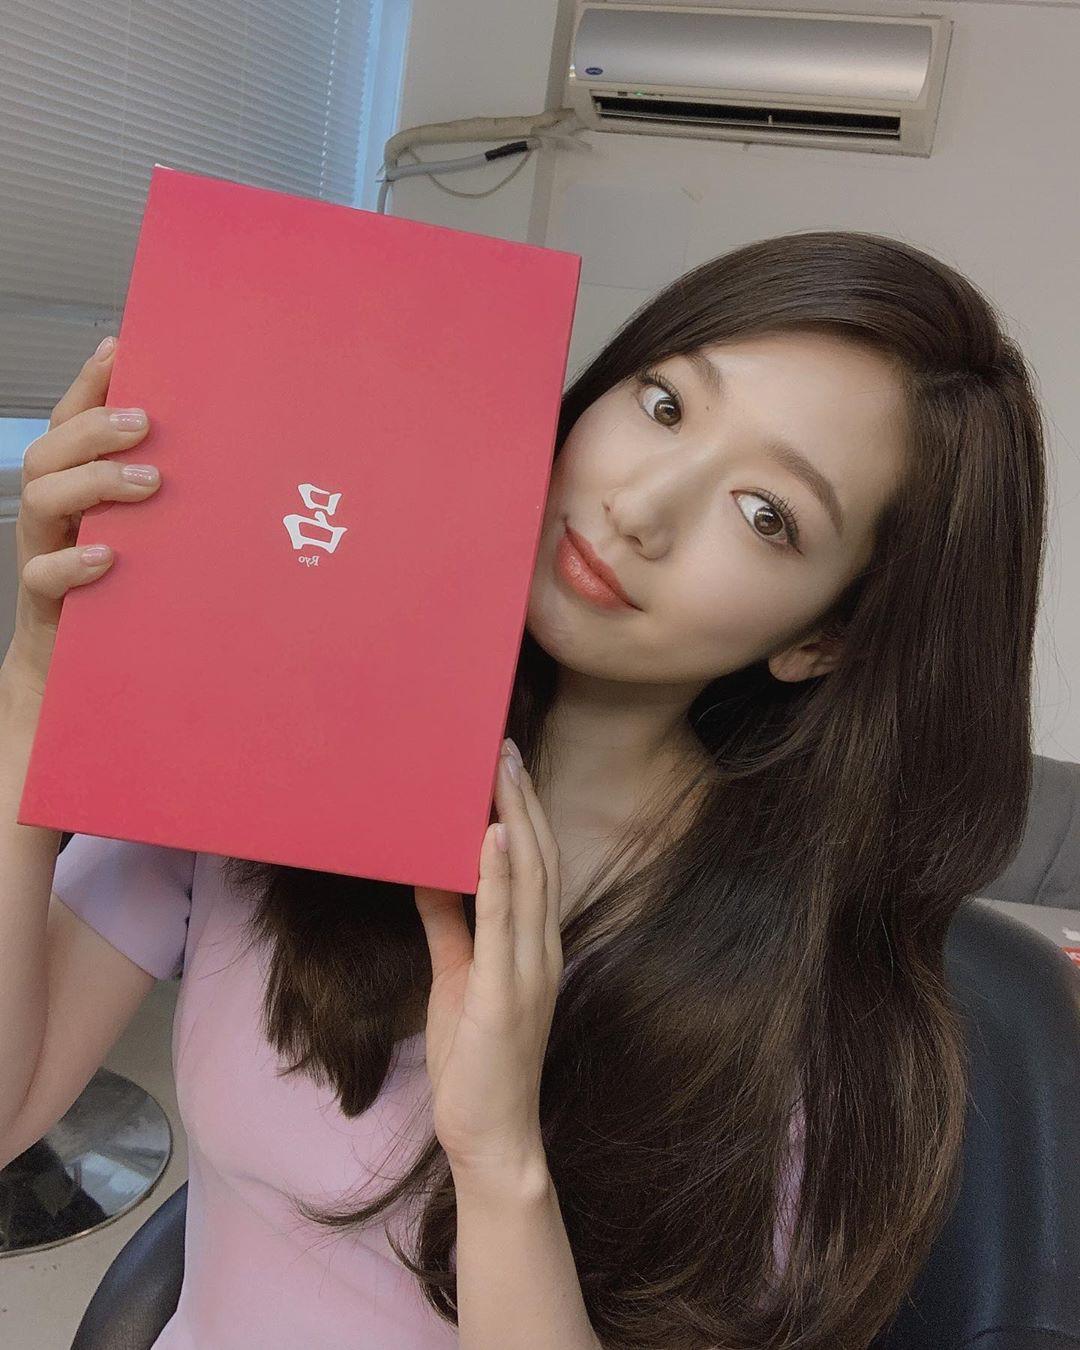 Được khen lột xác nhờ tóc ngắn, ai ngờ Park Shin Hye vừa đổi lại tóc dài đã đạt đến đẳng cấp nhan sắc mới!